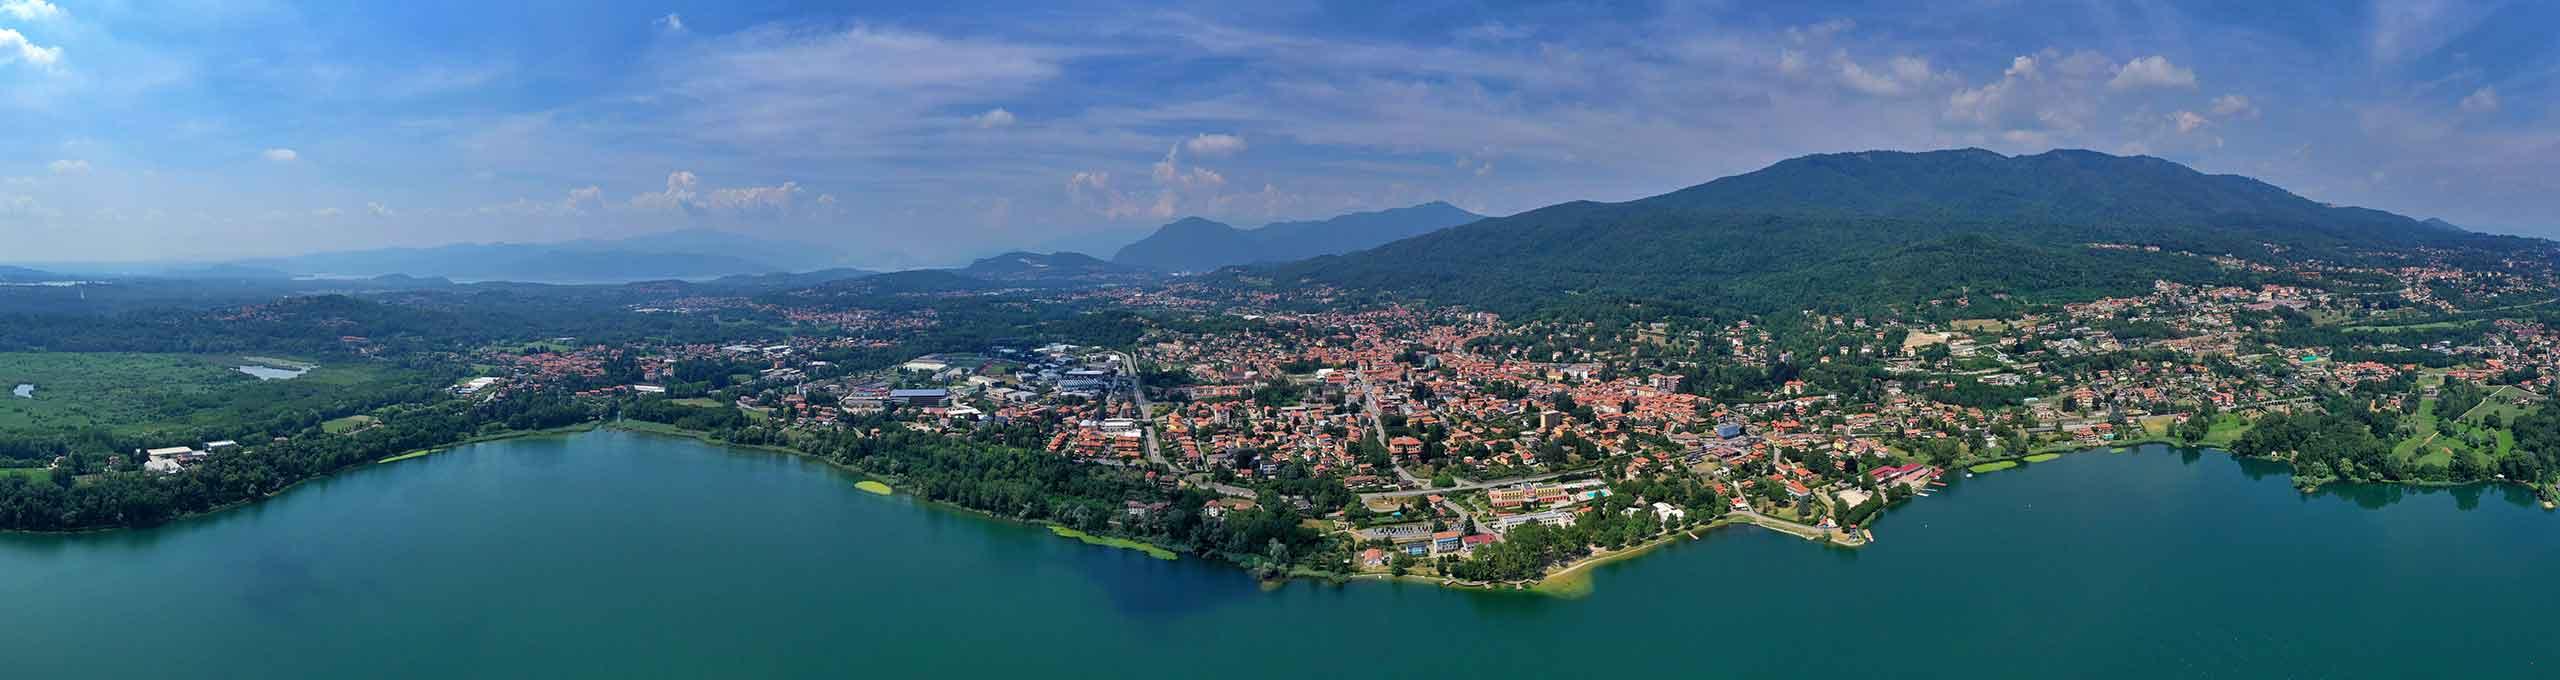 Gavirate, Lago di Varese